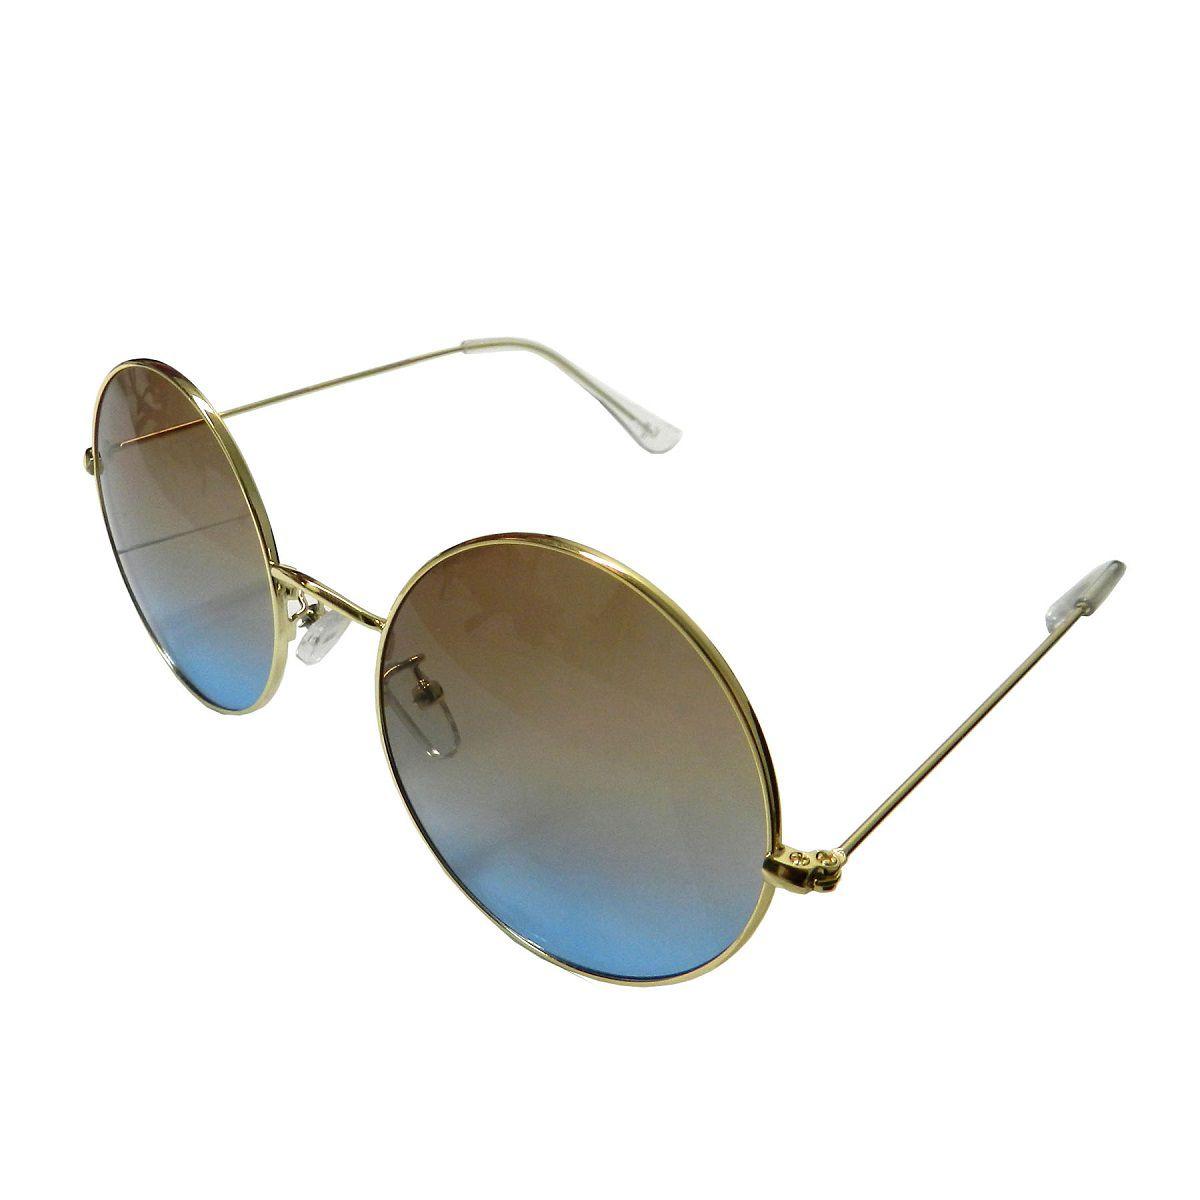 Óculos de Sol Polarizado com proteção UV RM0385 -Koffer